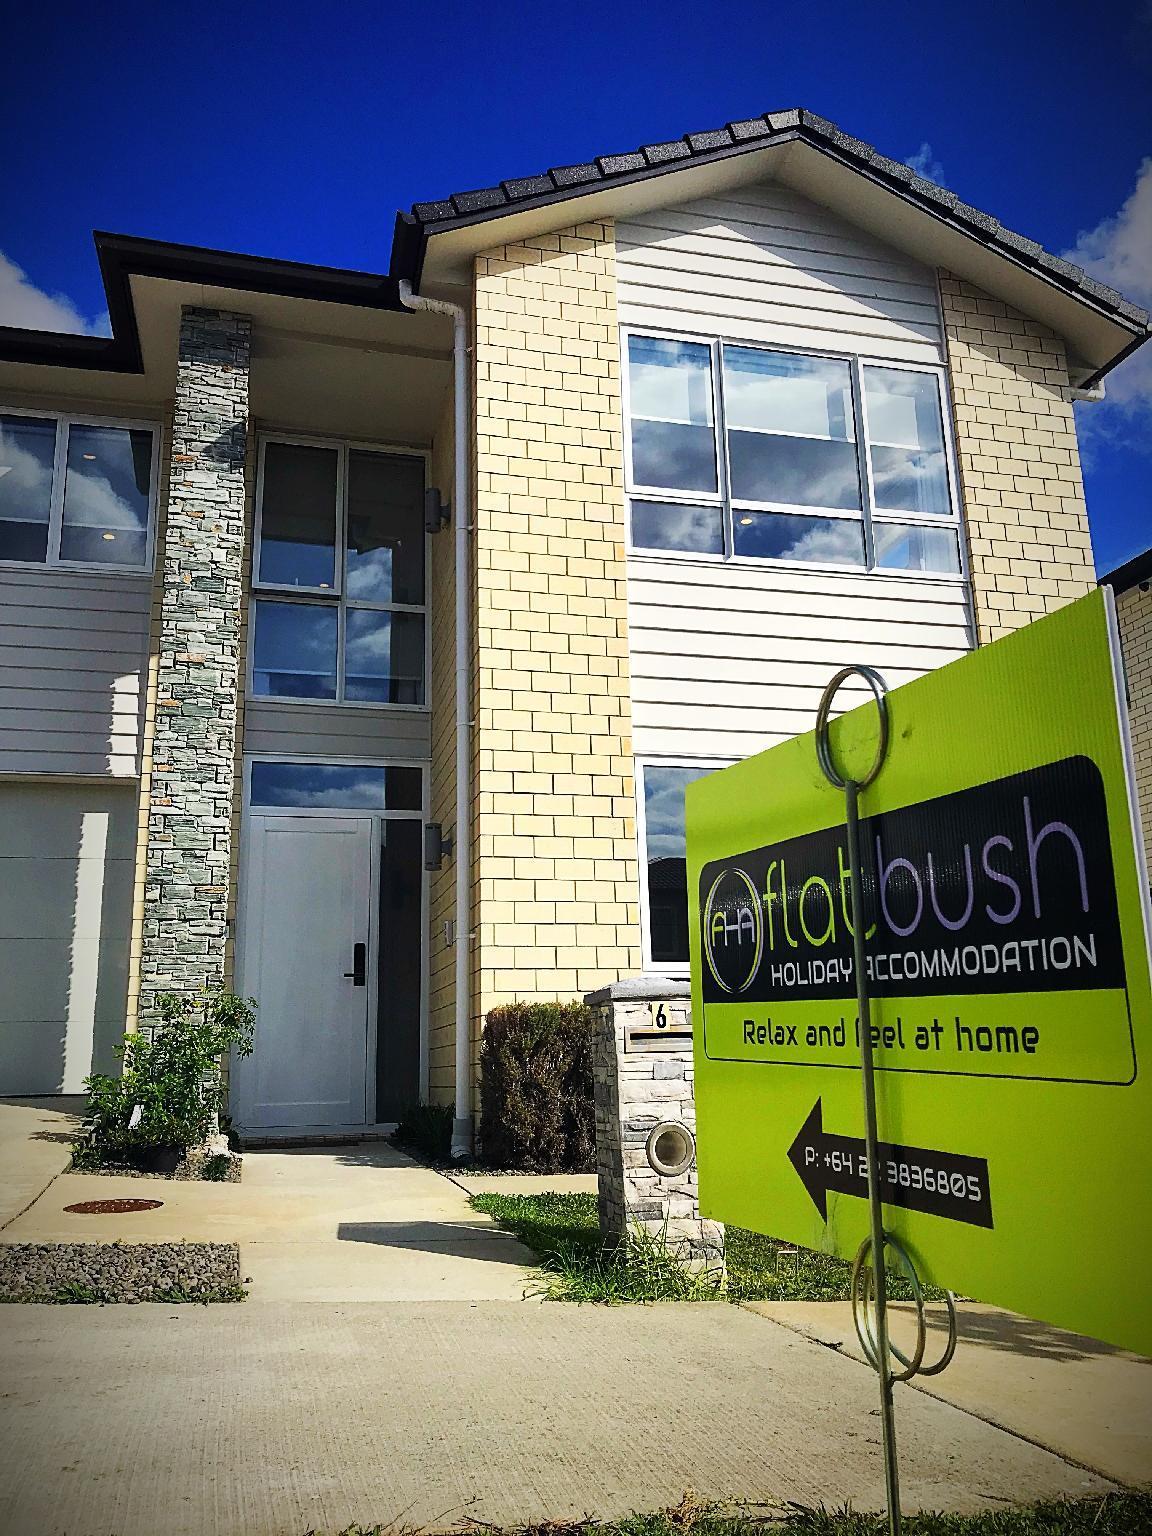 Flatbush Holiday Accommodation